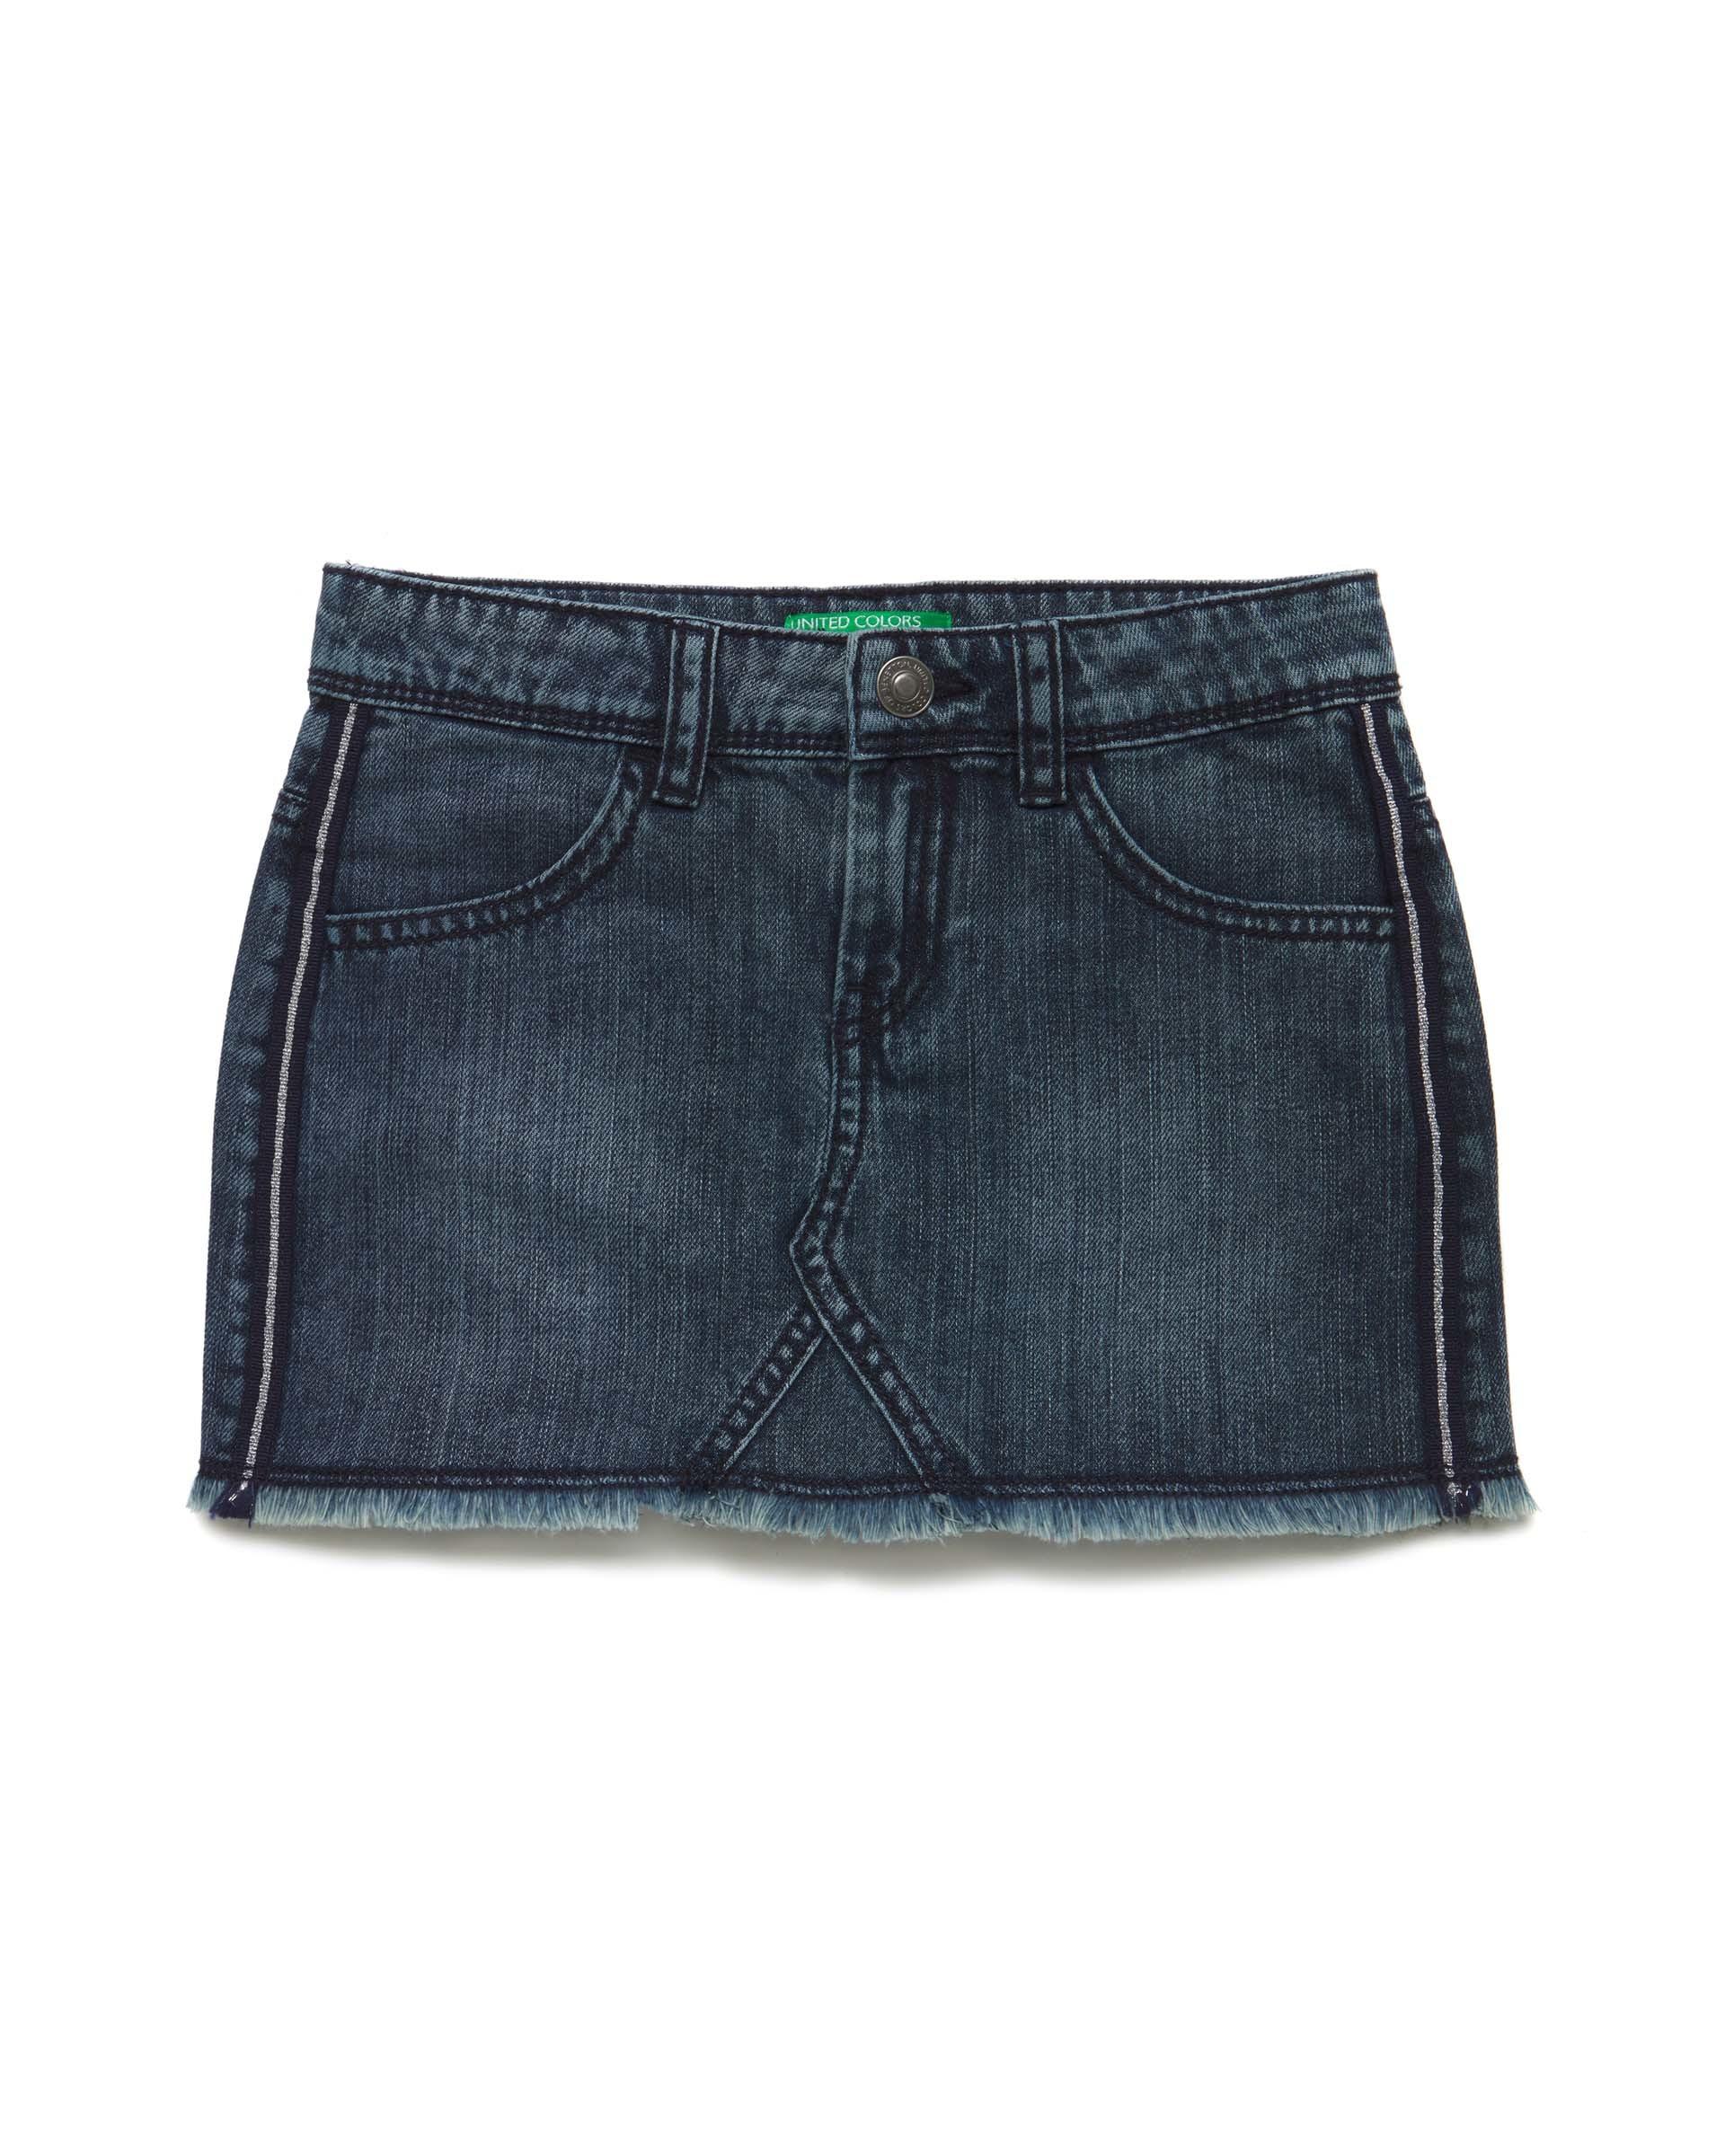 Купить 20P_4NV9508I0_901, Джинсовая юбка для девочек Benetton 4NV9508I0_901 р-р 128, United Colors of Benetton, Юбки для девочек